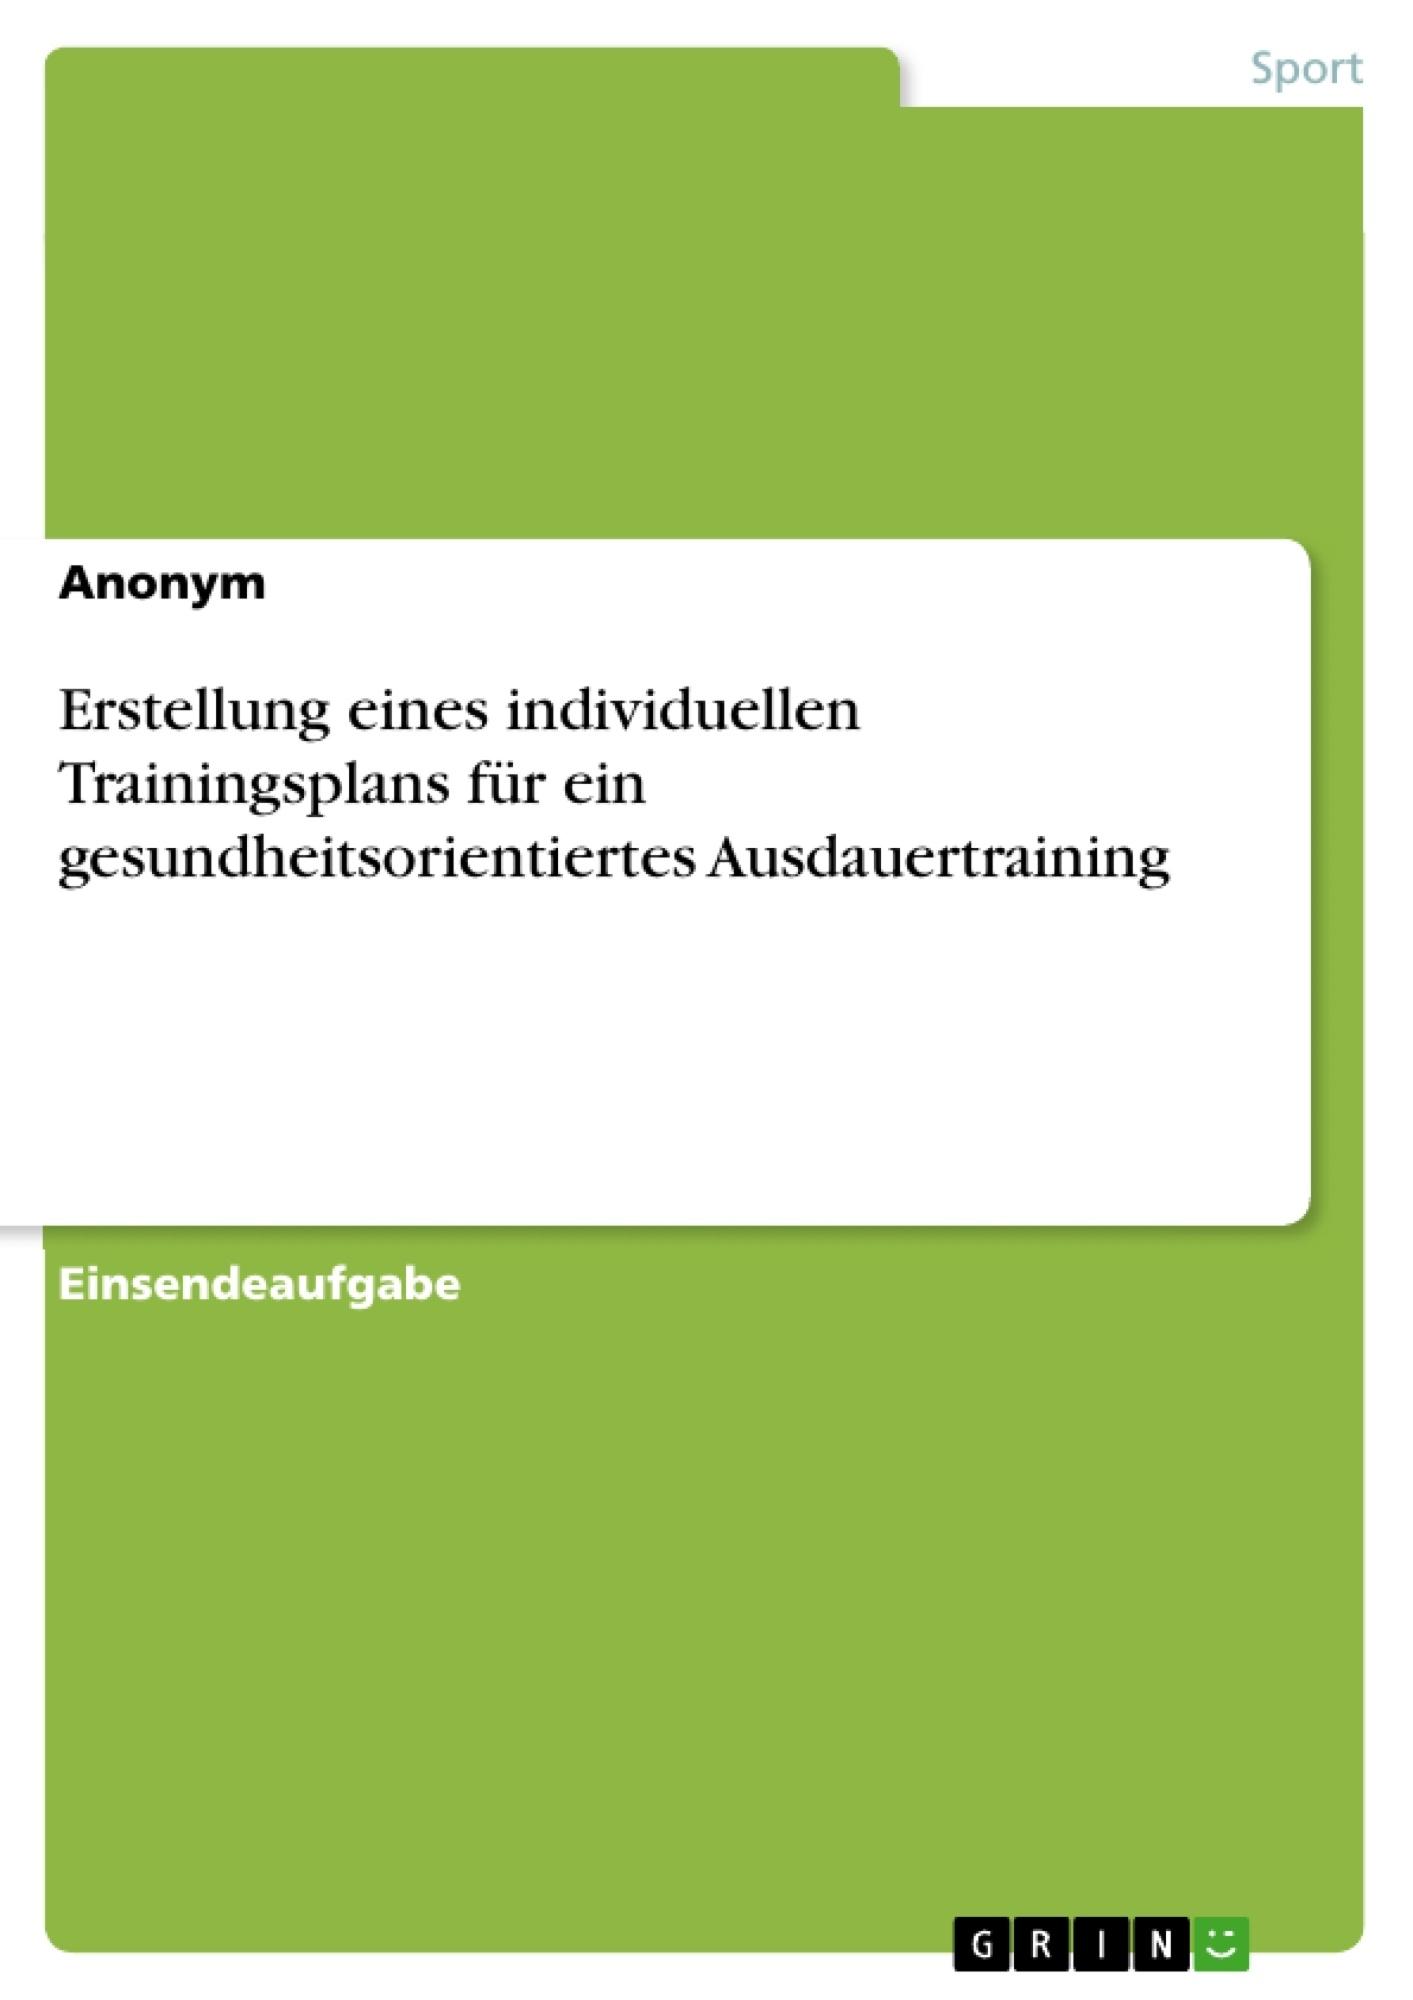 Titel: Erstellung eines individuellen Trainingsplans für ein gesundheitsorientiertes Ausdauertraining